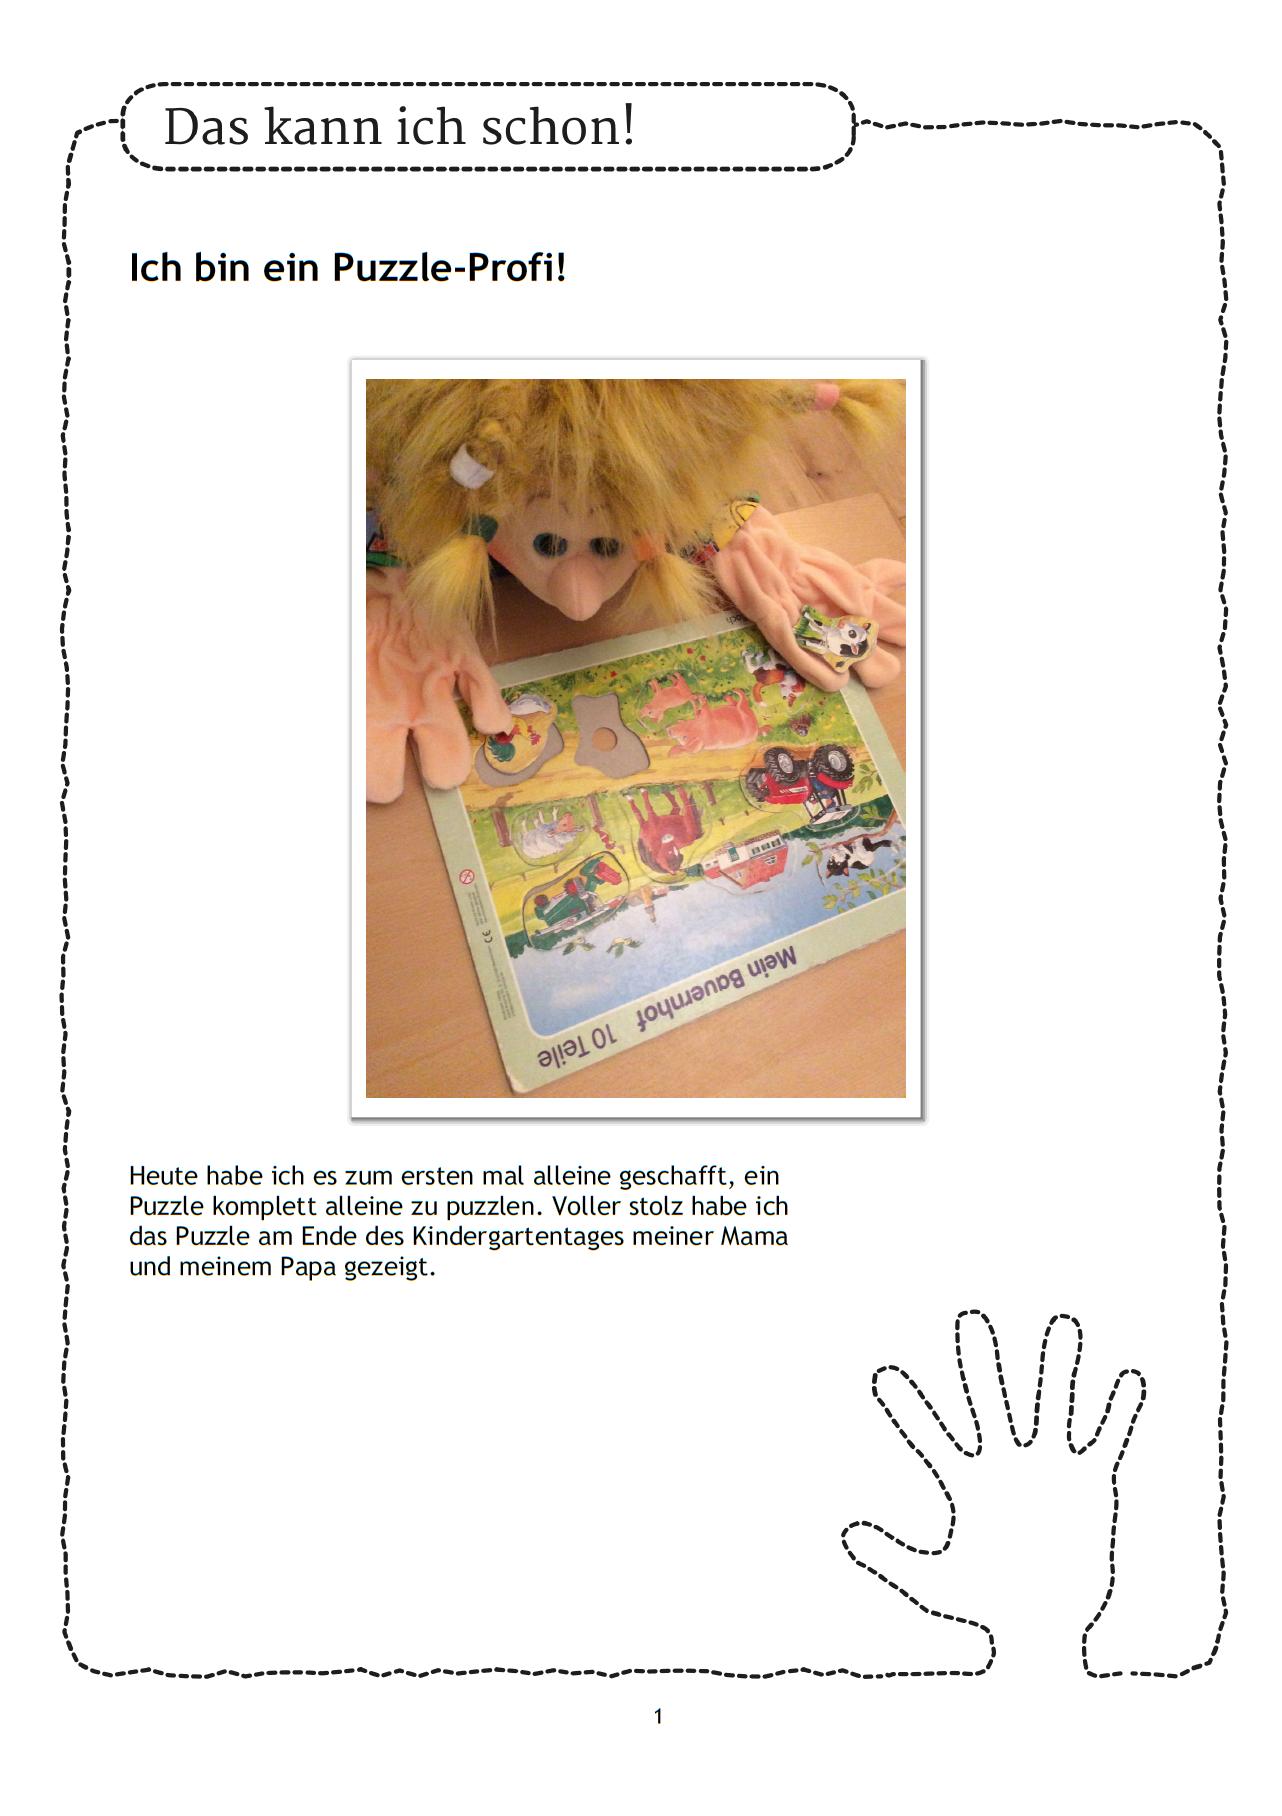 Viele Kinder Puzzeln Gern Sie Sind Stolz Darauf Wenn Sie Ganz Alleine Ein Puzzel Geschafft Haben Wie Schon Ist Es Entwicklung Kleinkind Puzzel Vorschulbuch